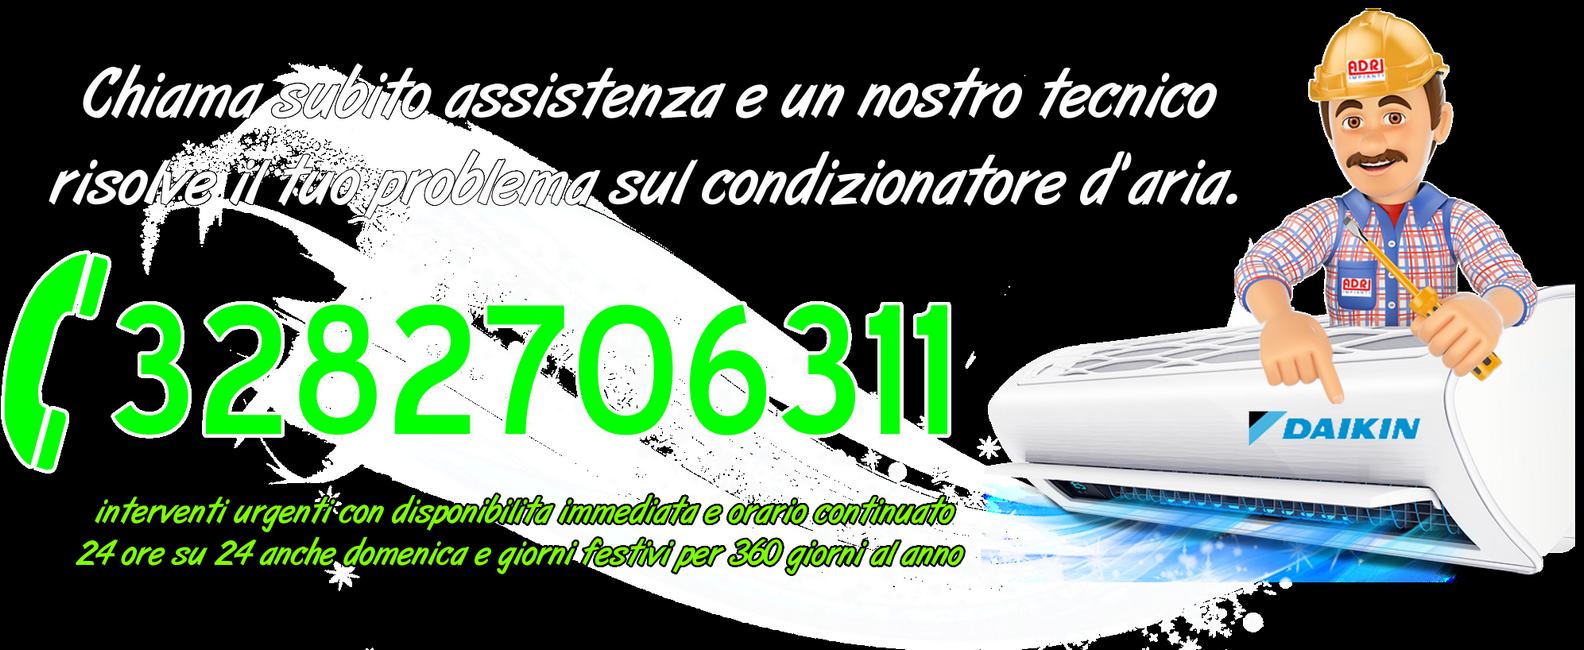 Assistenza condizionatori Daikin Ciriè